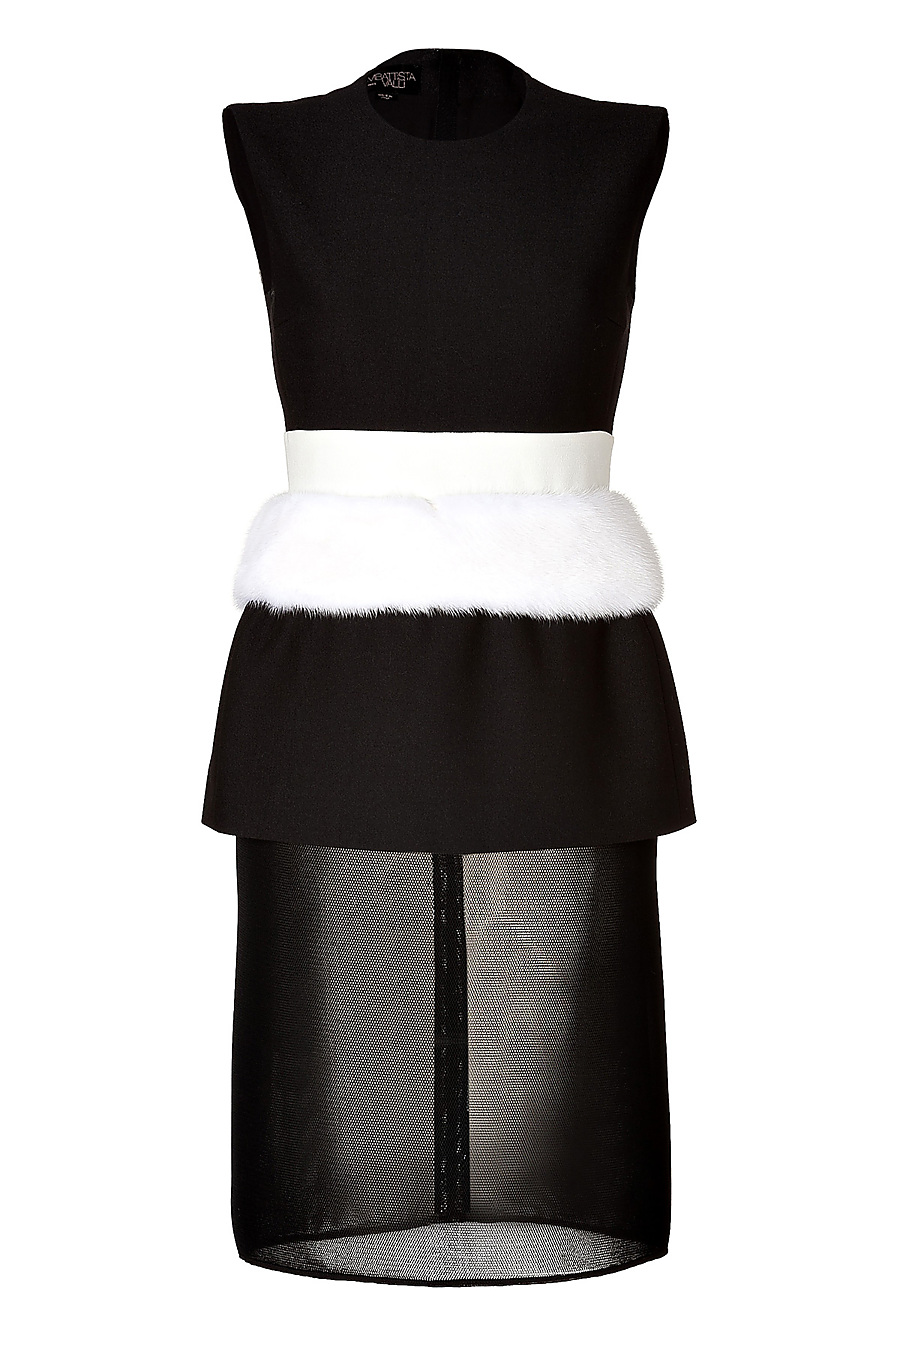 b16d5211021dfc Giambattista Valli Mink Waist Wool-Silk Blend Dress